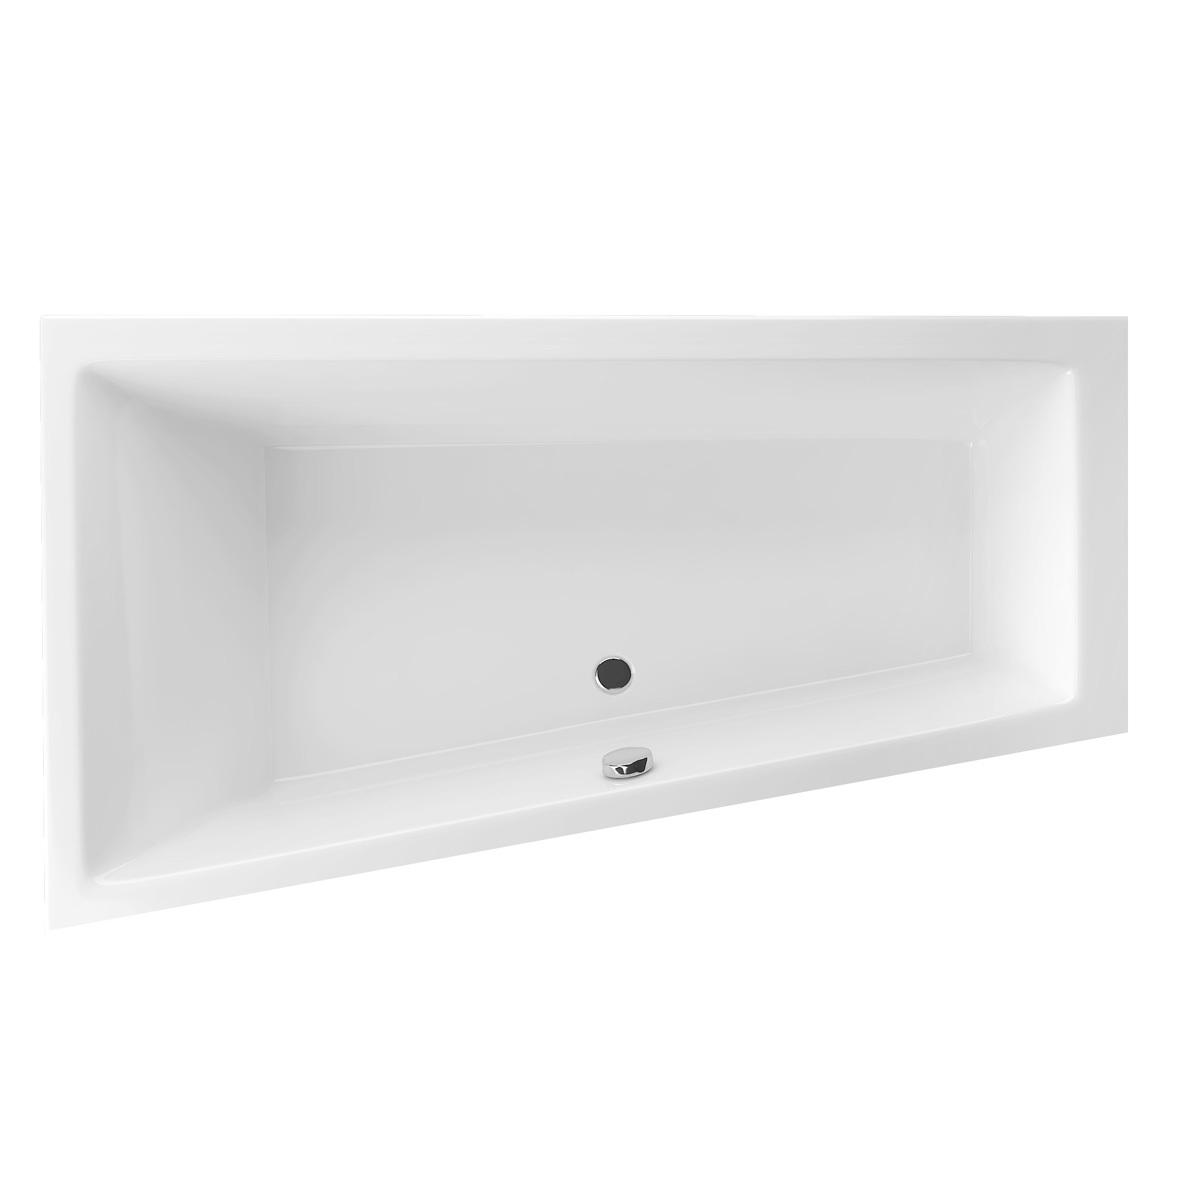 Акриловая ванна Excellent M-Sfera Slim 160x95 левая